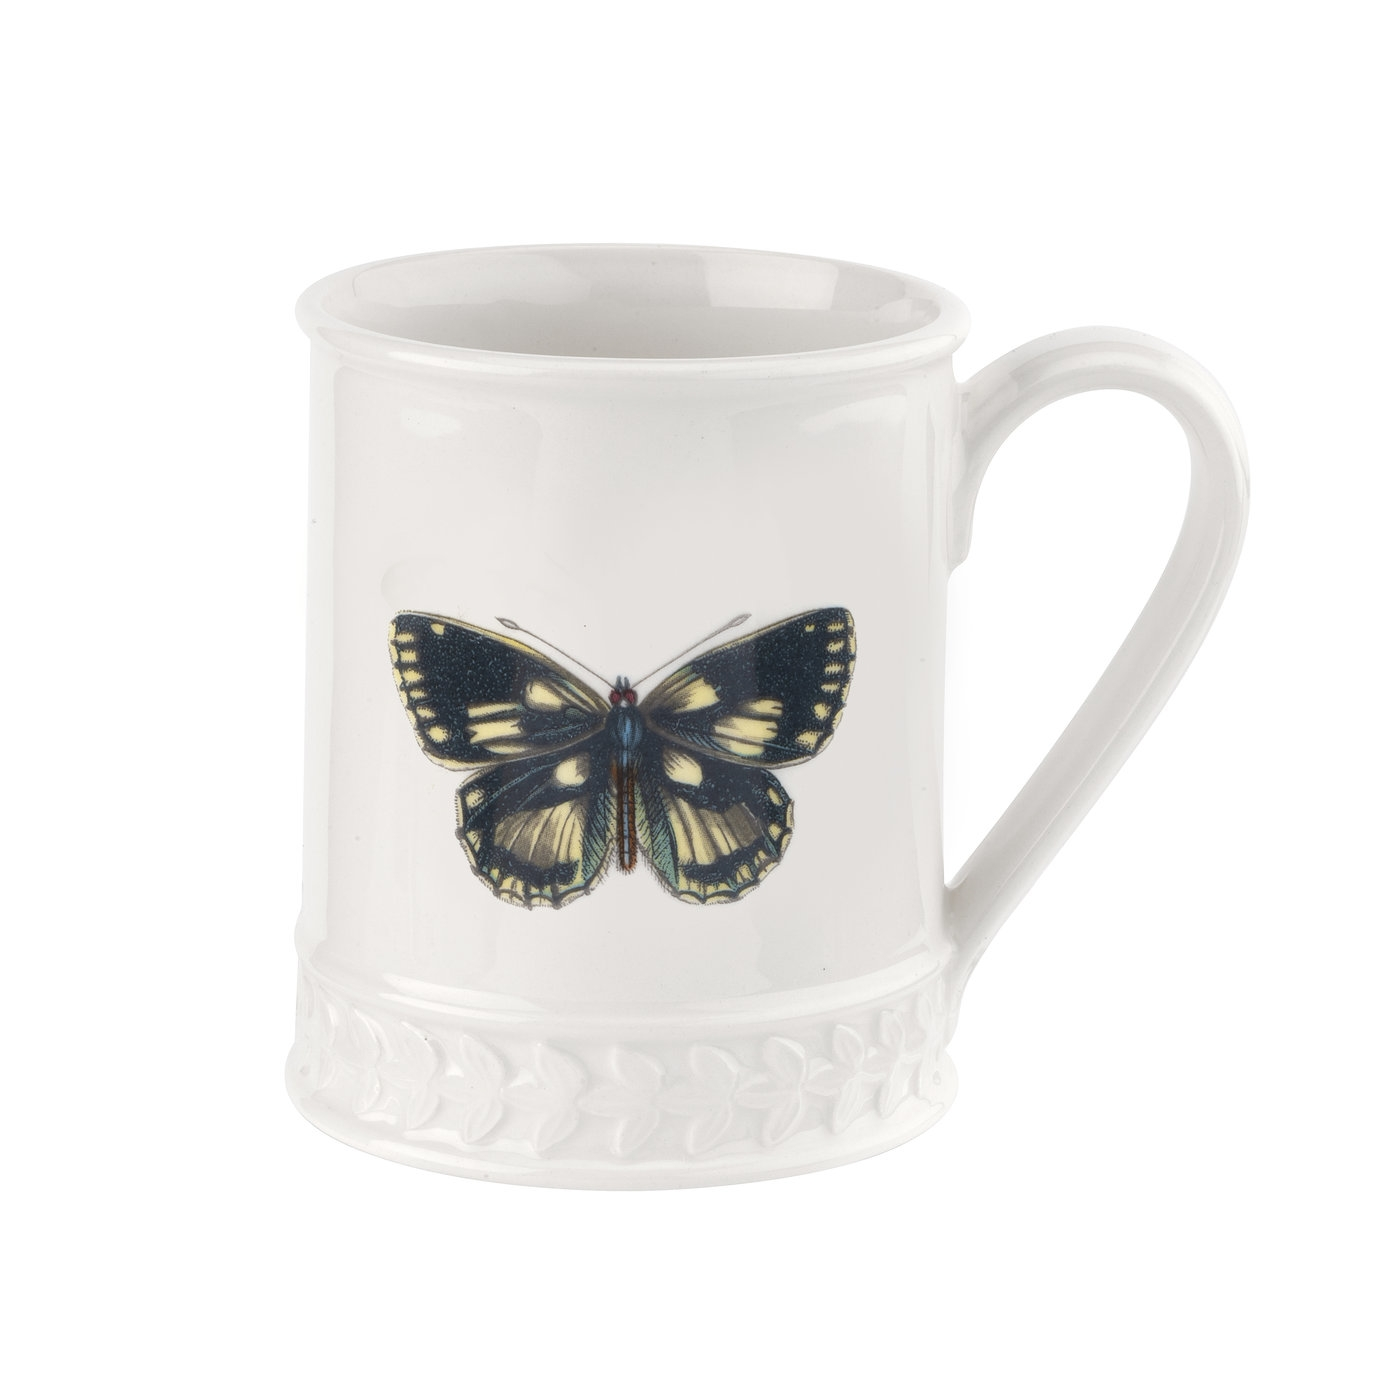 포트메리온 '보타닉 가든 하모니' 나비 머그 Portmeirion Botanic Garden Harmony Embossed 12 oz Tankard-Marbled Butterfly